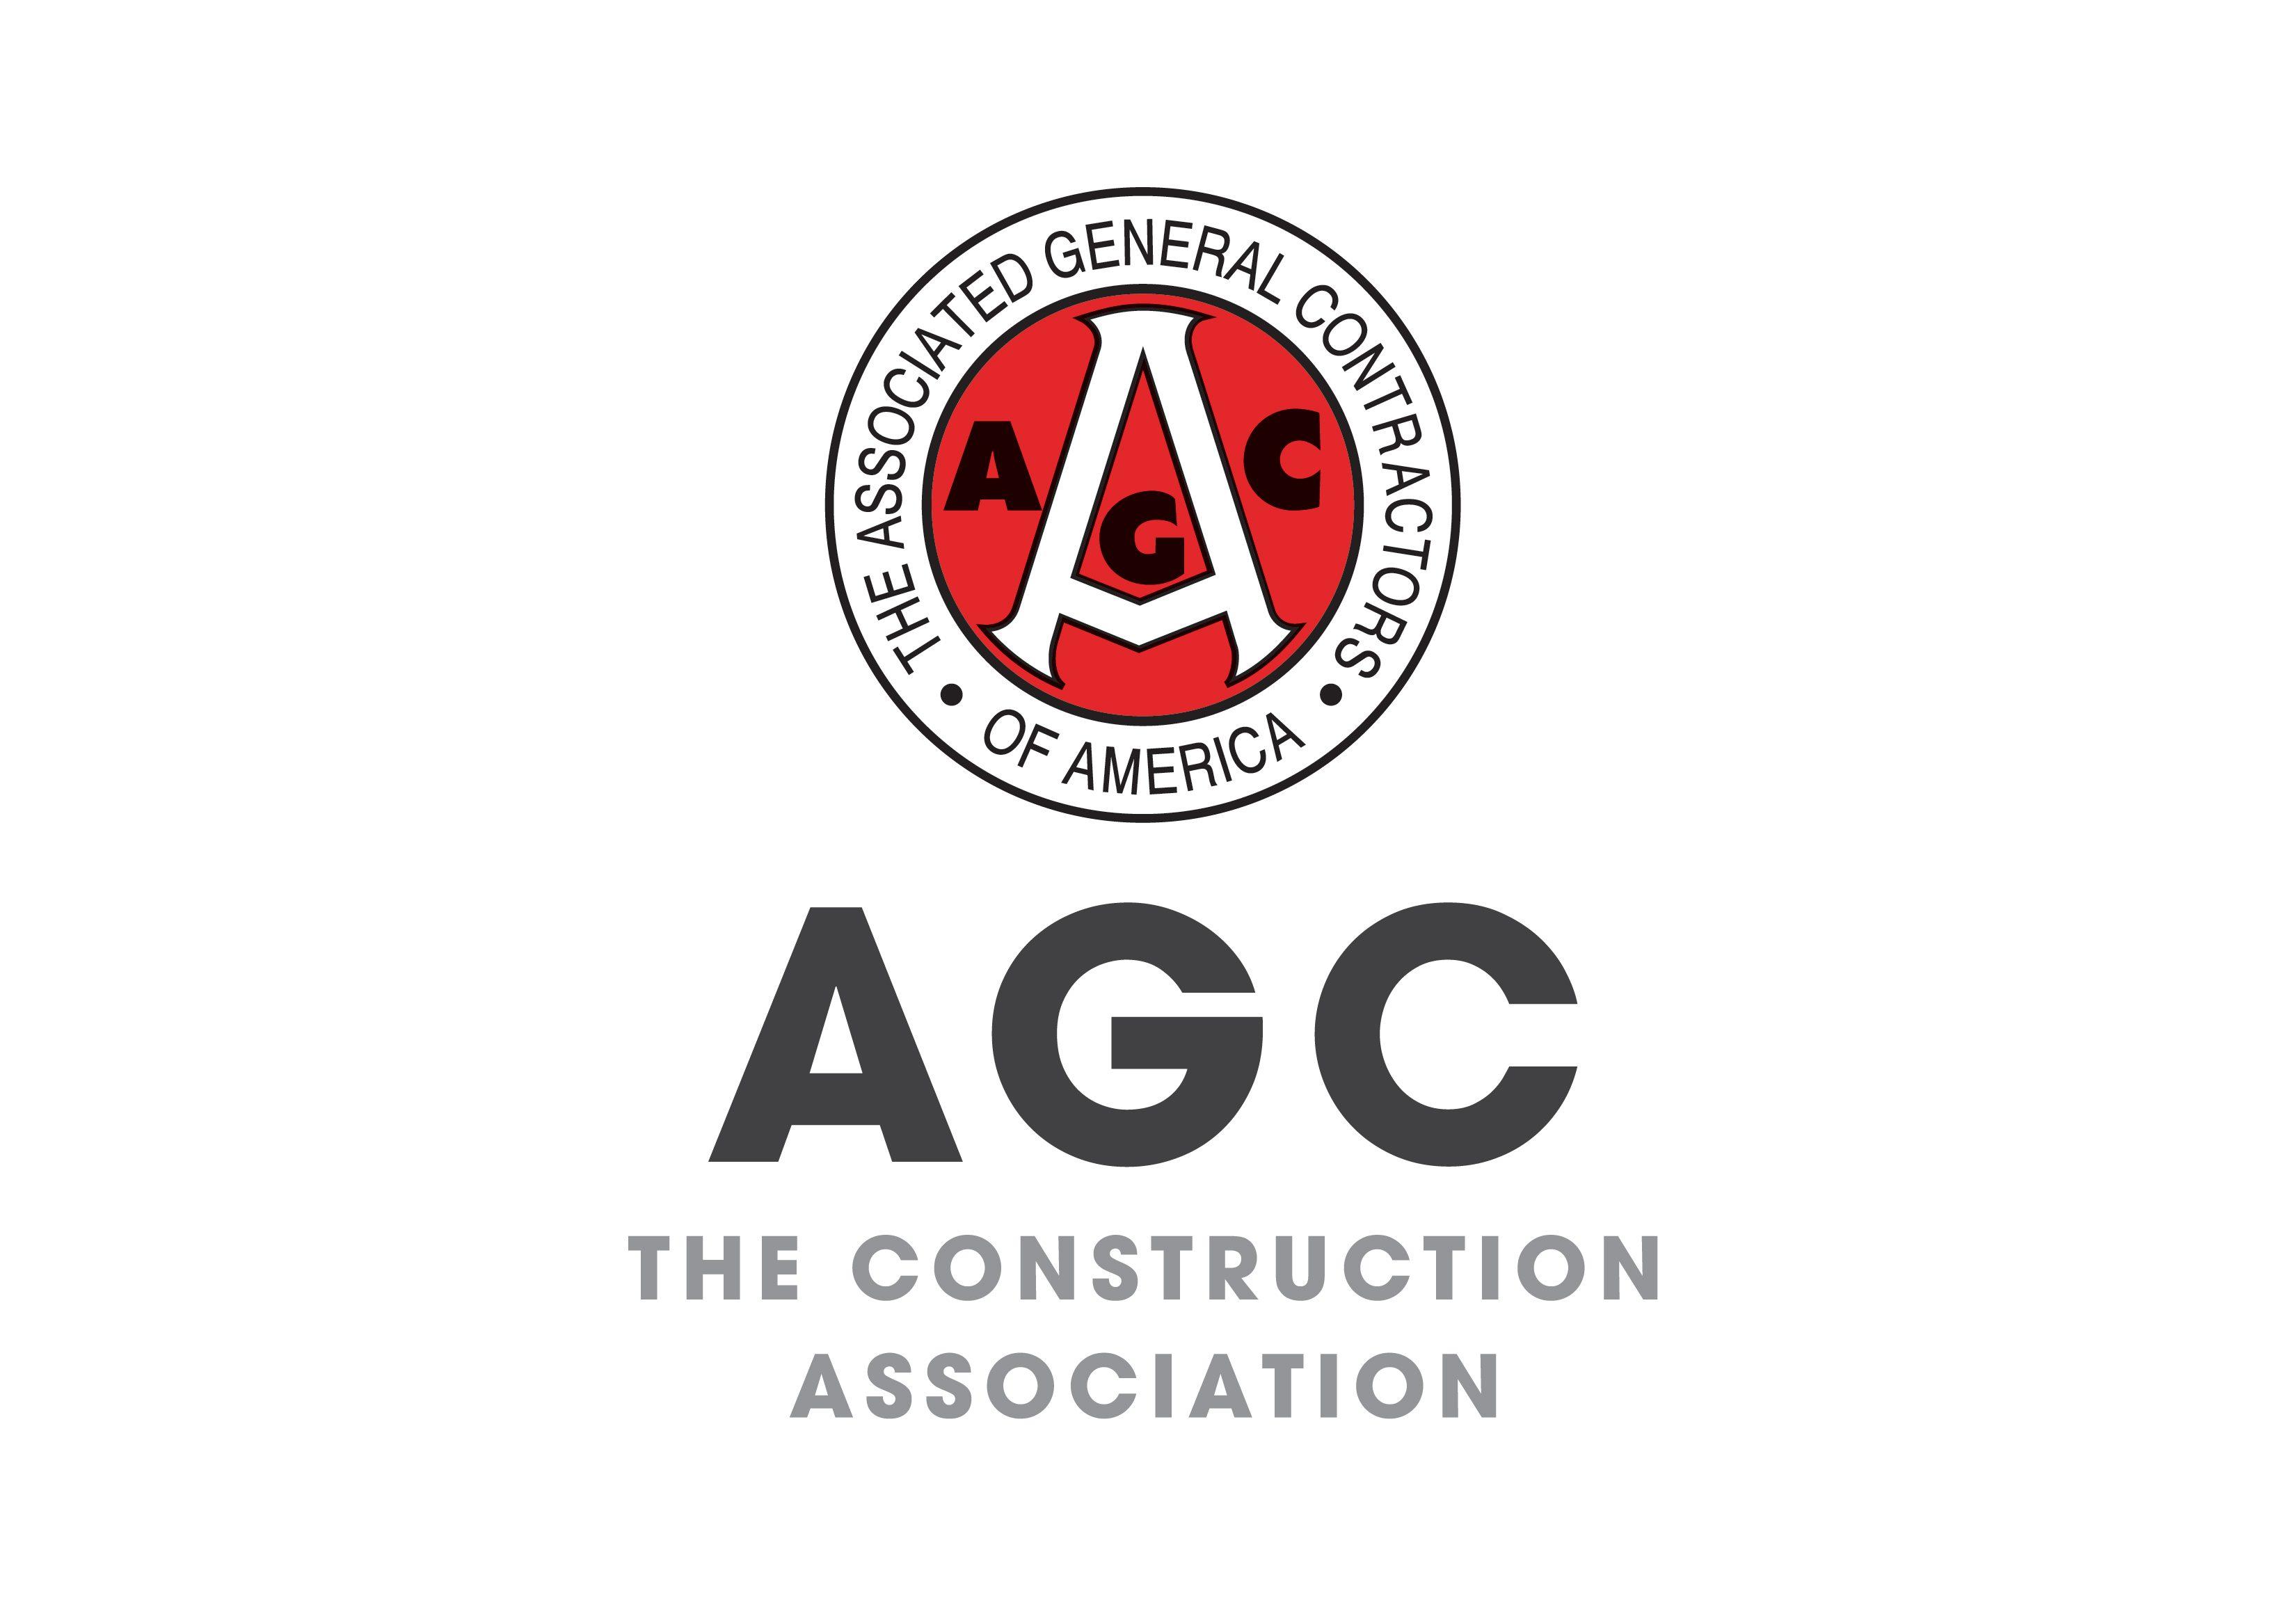 AGC of A logo